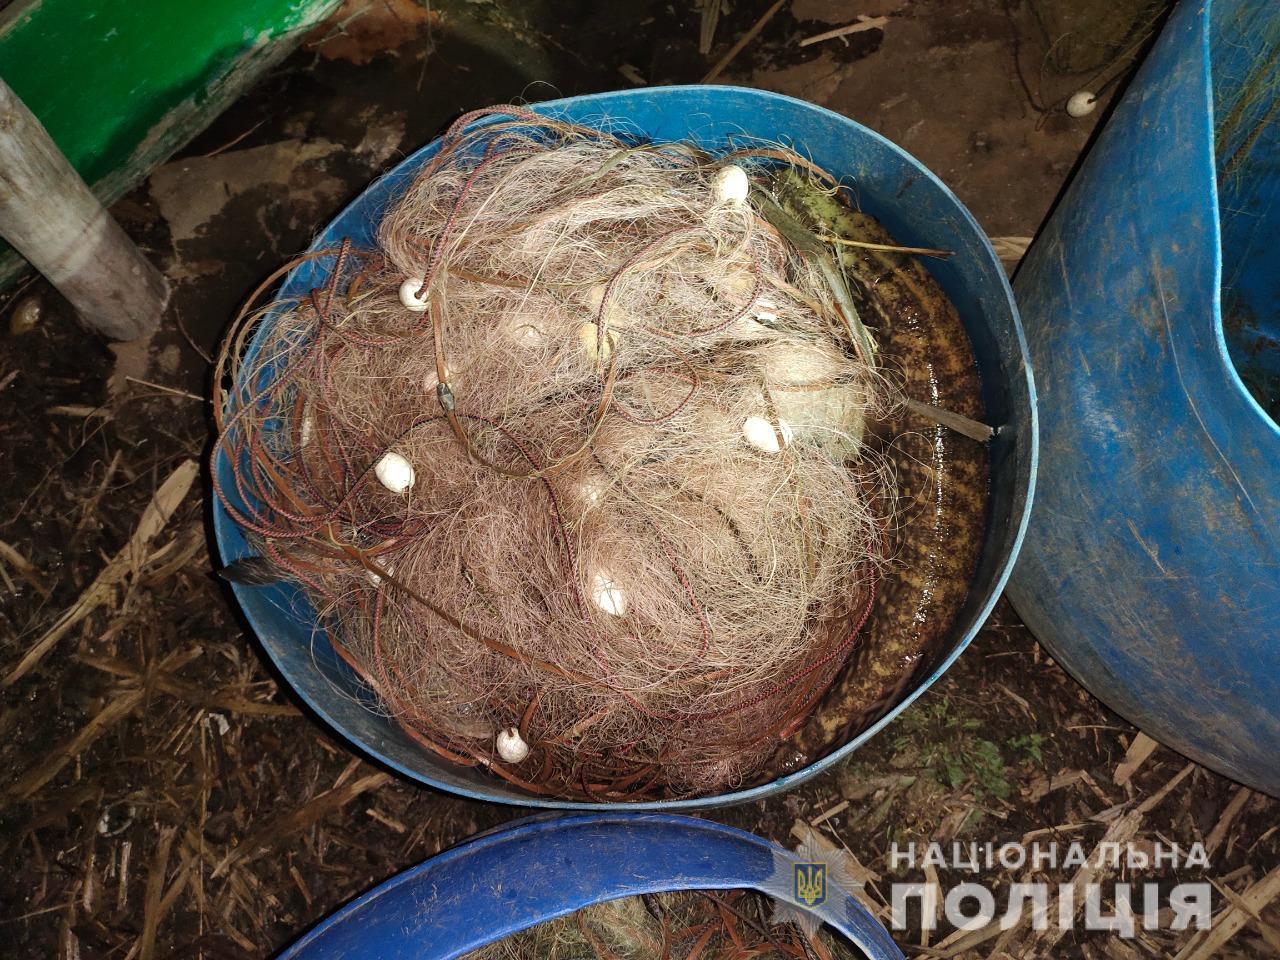 Полиция на Харьковщине задержала браконьеров (фото)